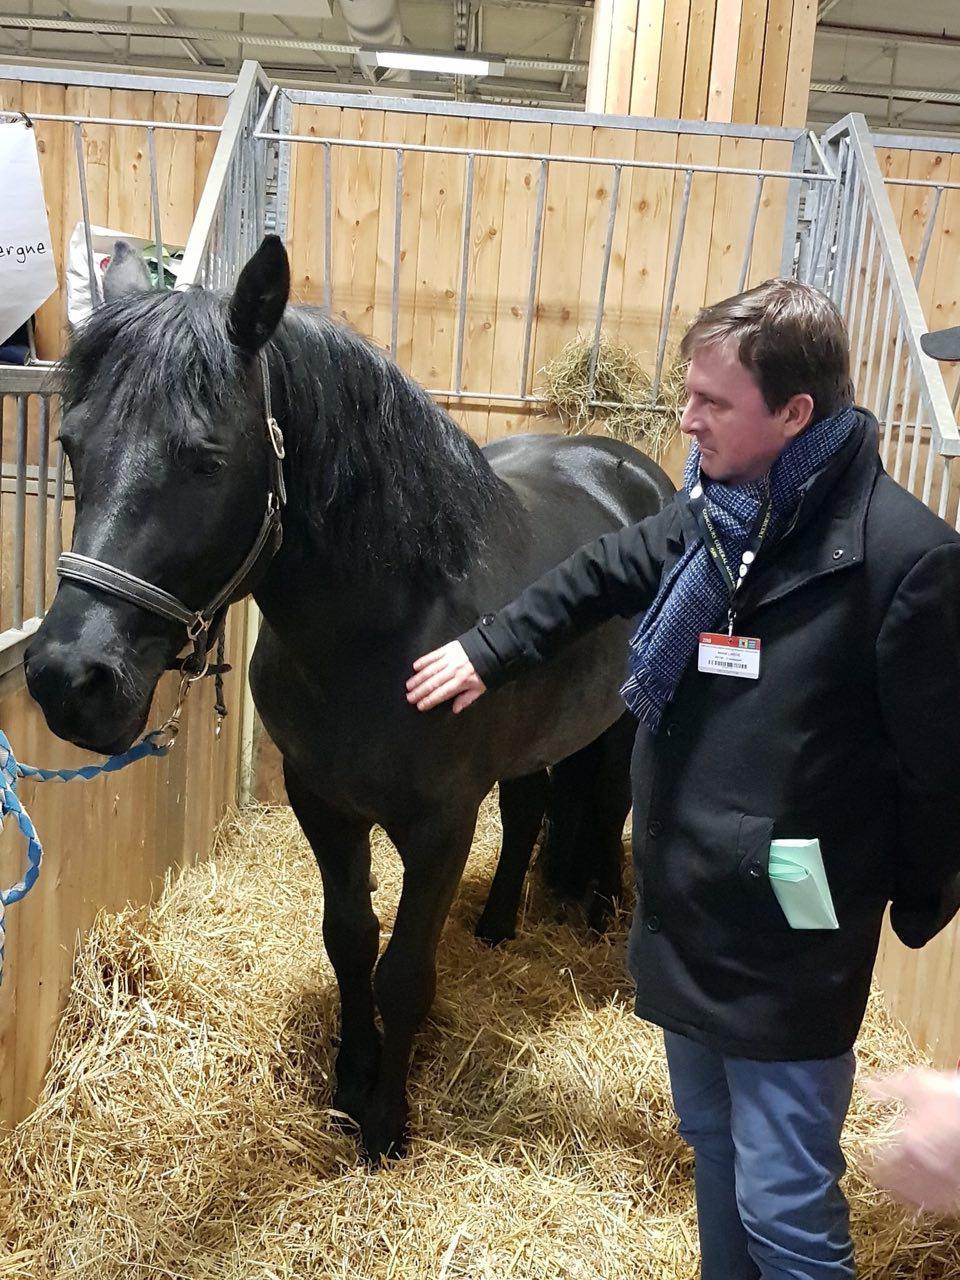 Accueil très chaleureux sur le stand du cheval de Merens aux côtés d'éleveur.se.s adhérant.e.s au Sherpa.